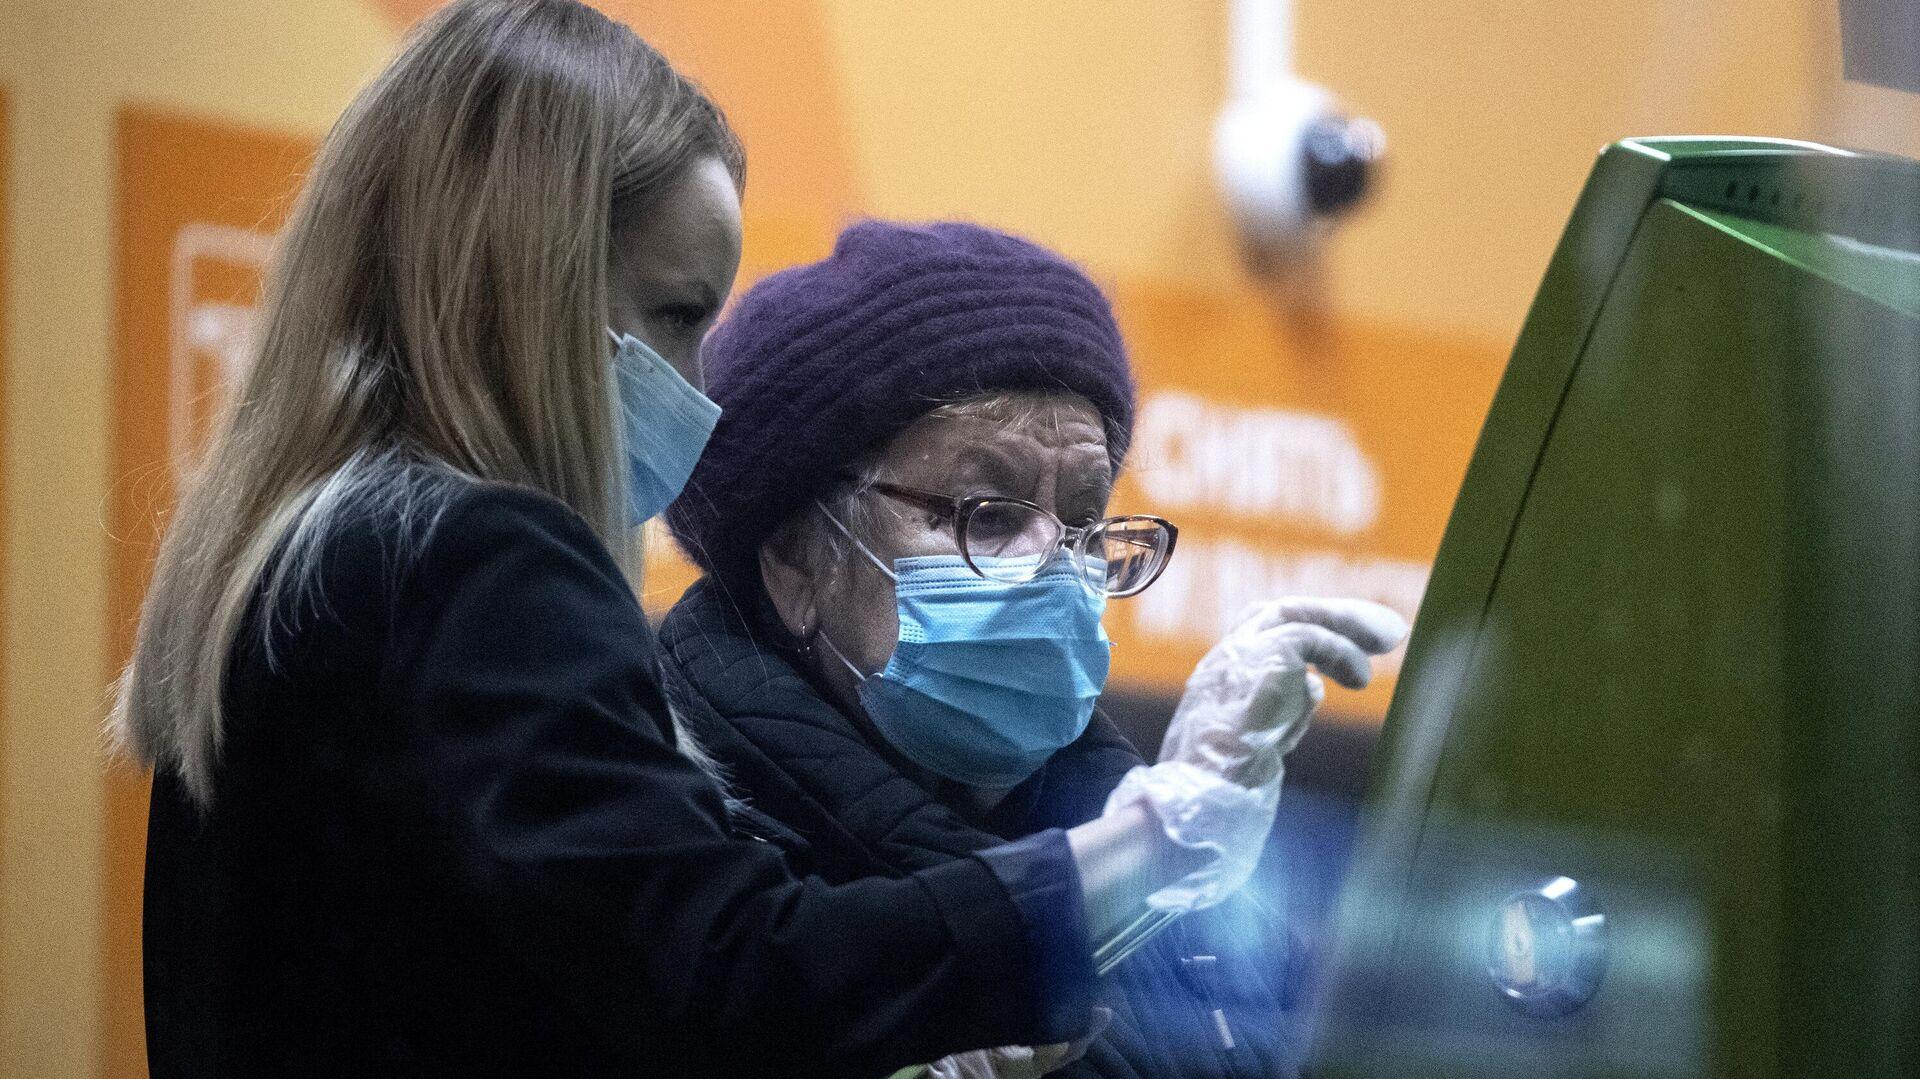 Сотрудница в отделении Сбера помогает женщине у банкомата - РИА Новости, 1920, 23.01.2021